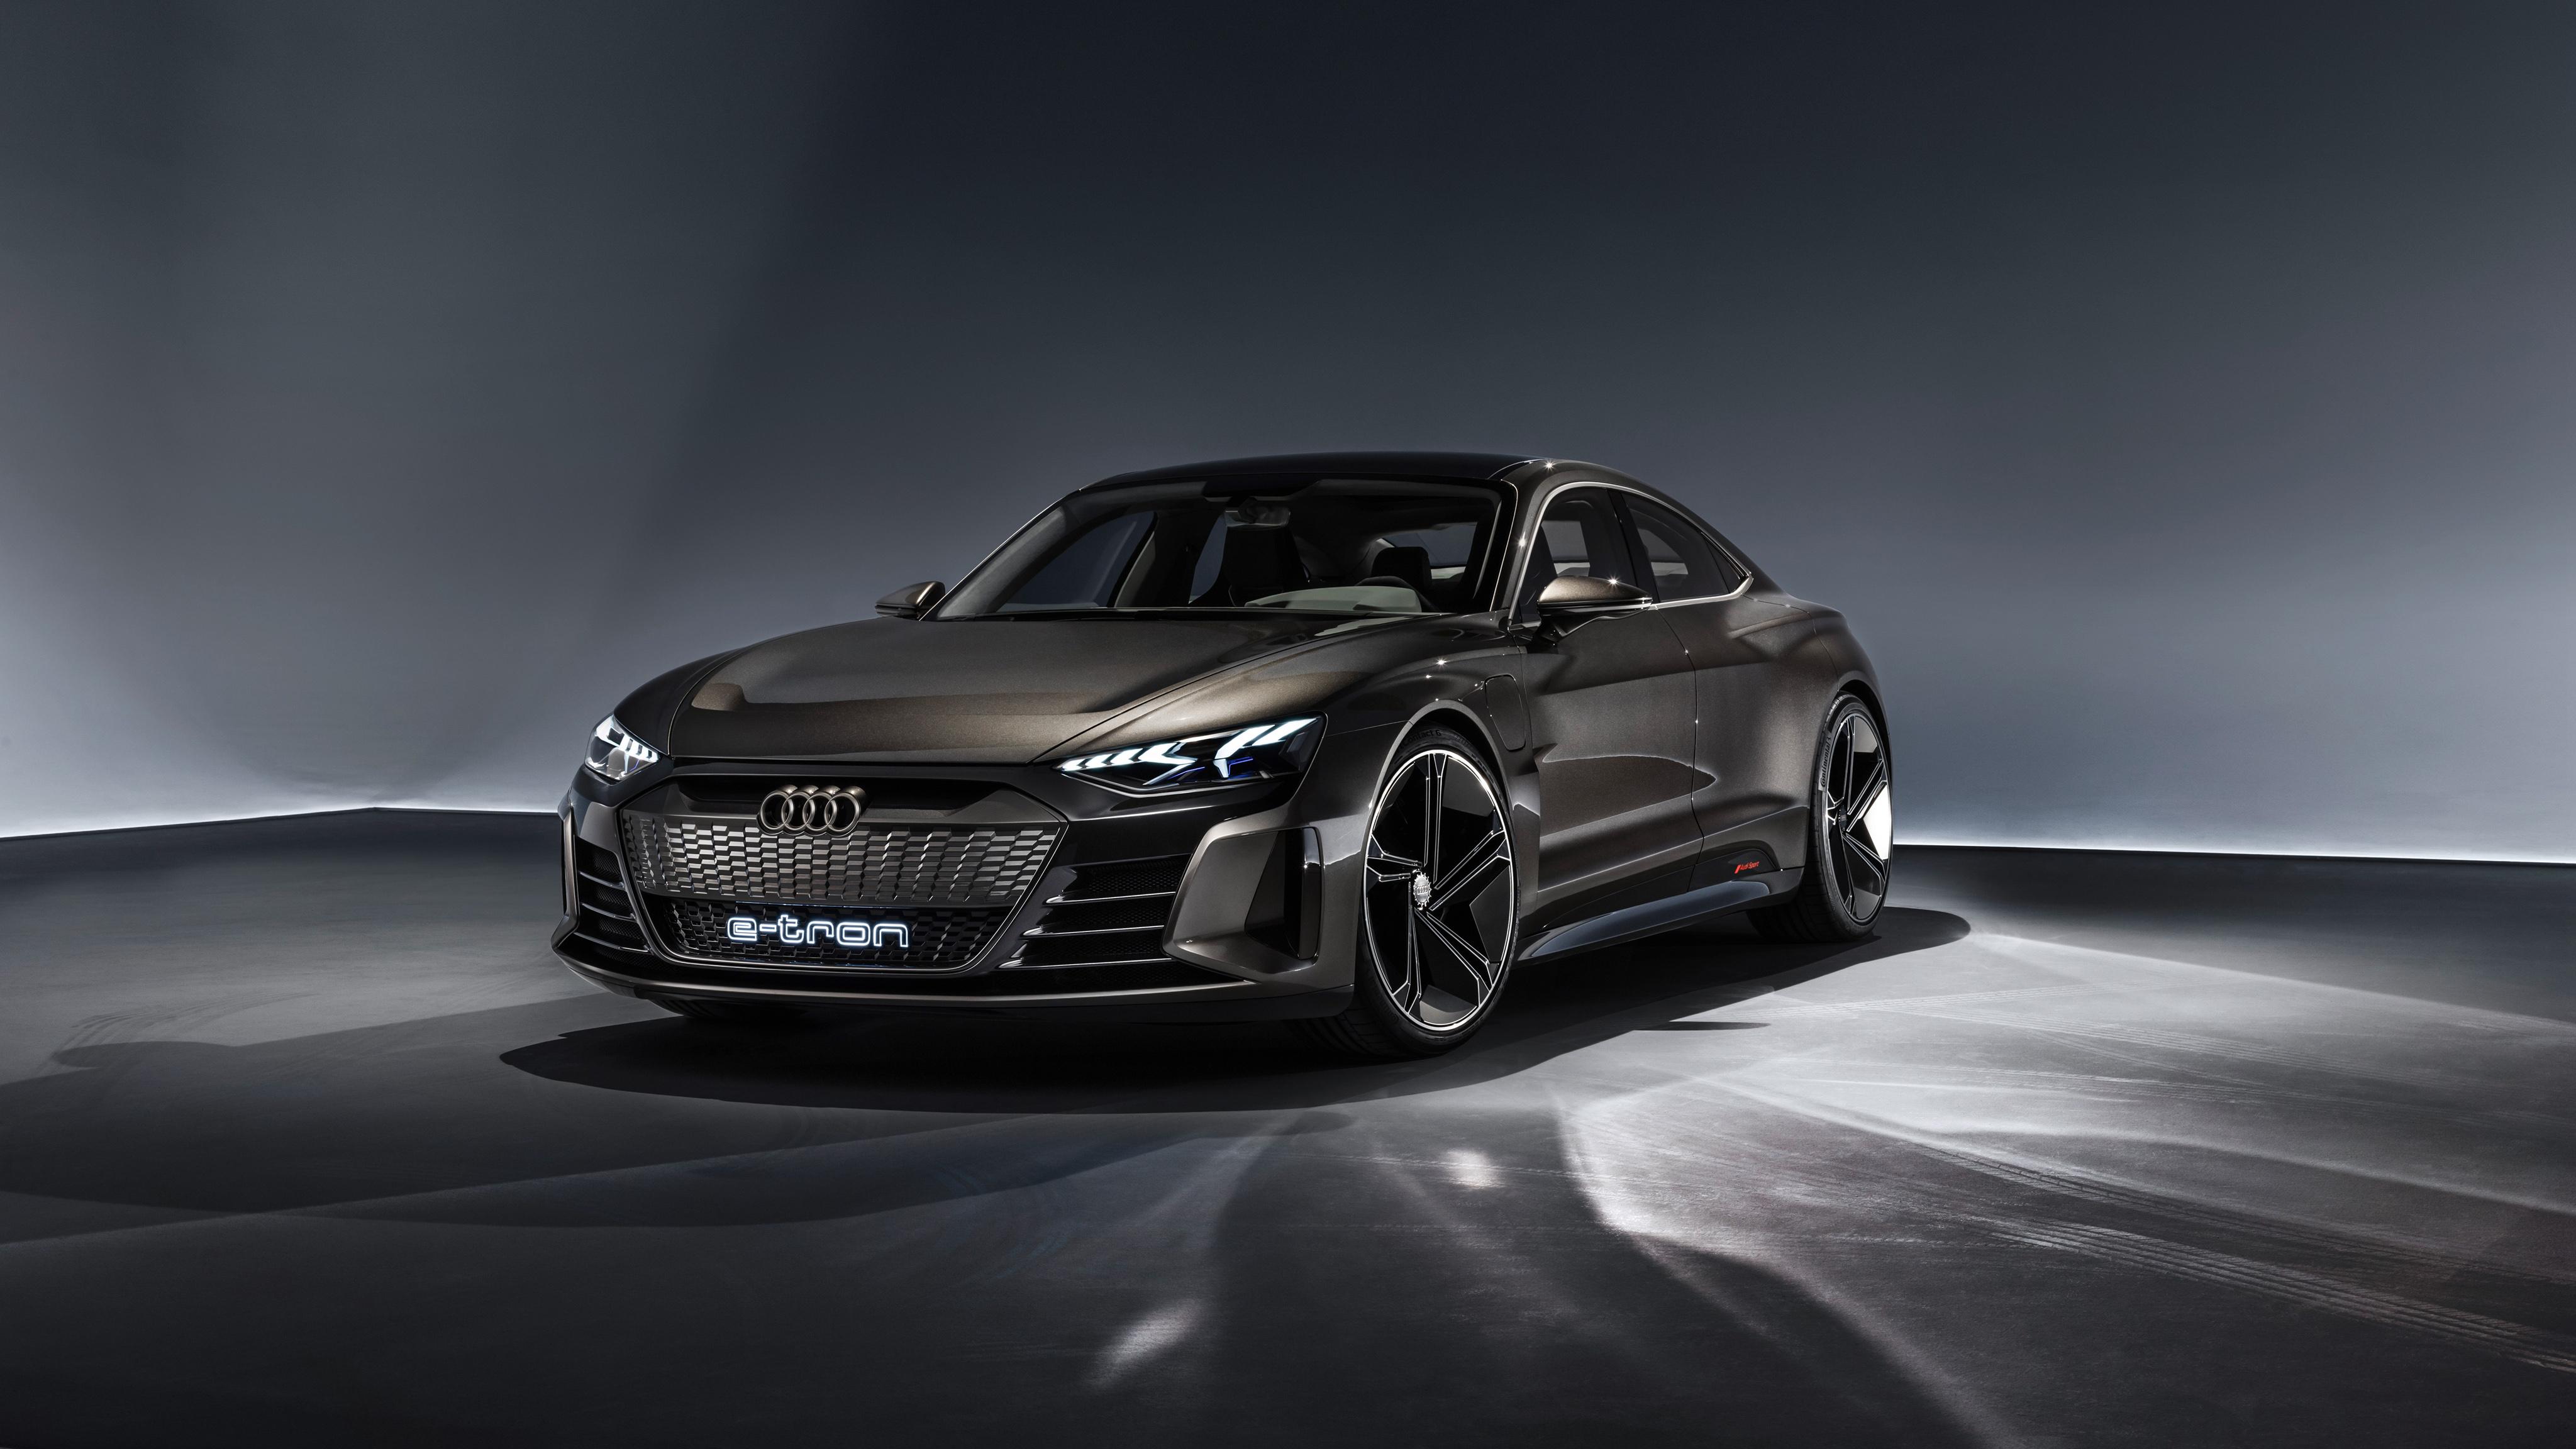 Audi E Tron Gt Concept 2019 4k 5 Wallpaper Hd Car Wallpapers Id 11598